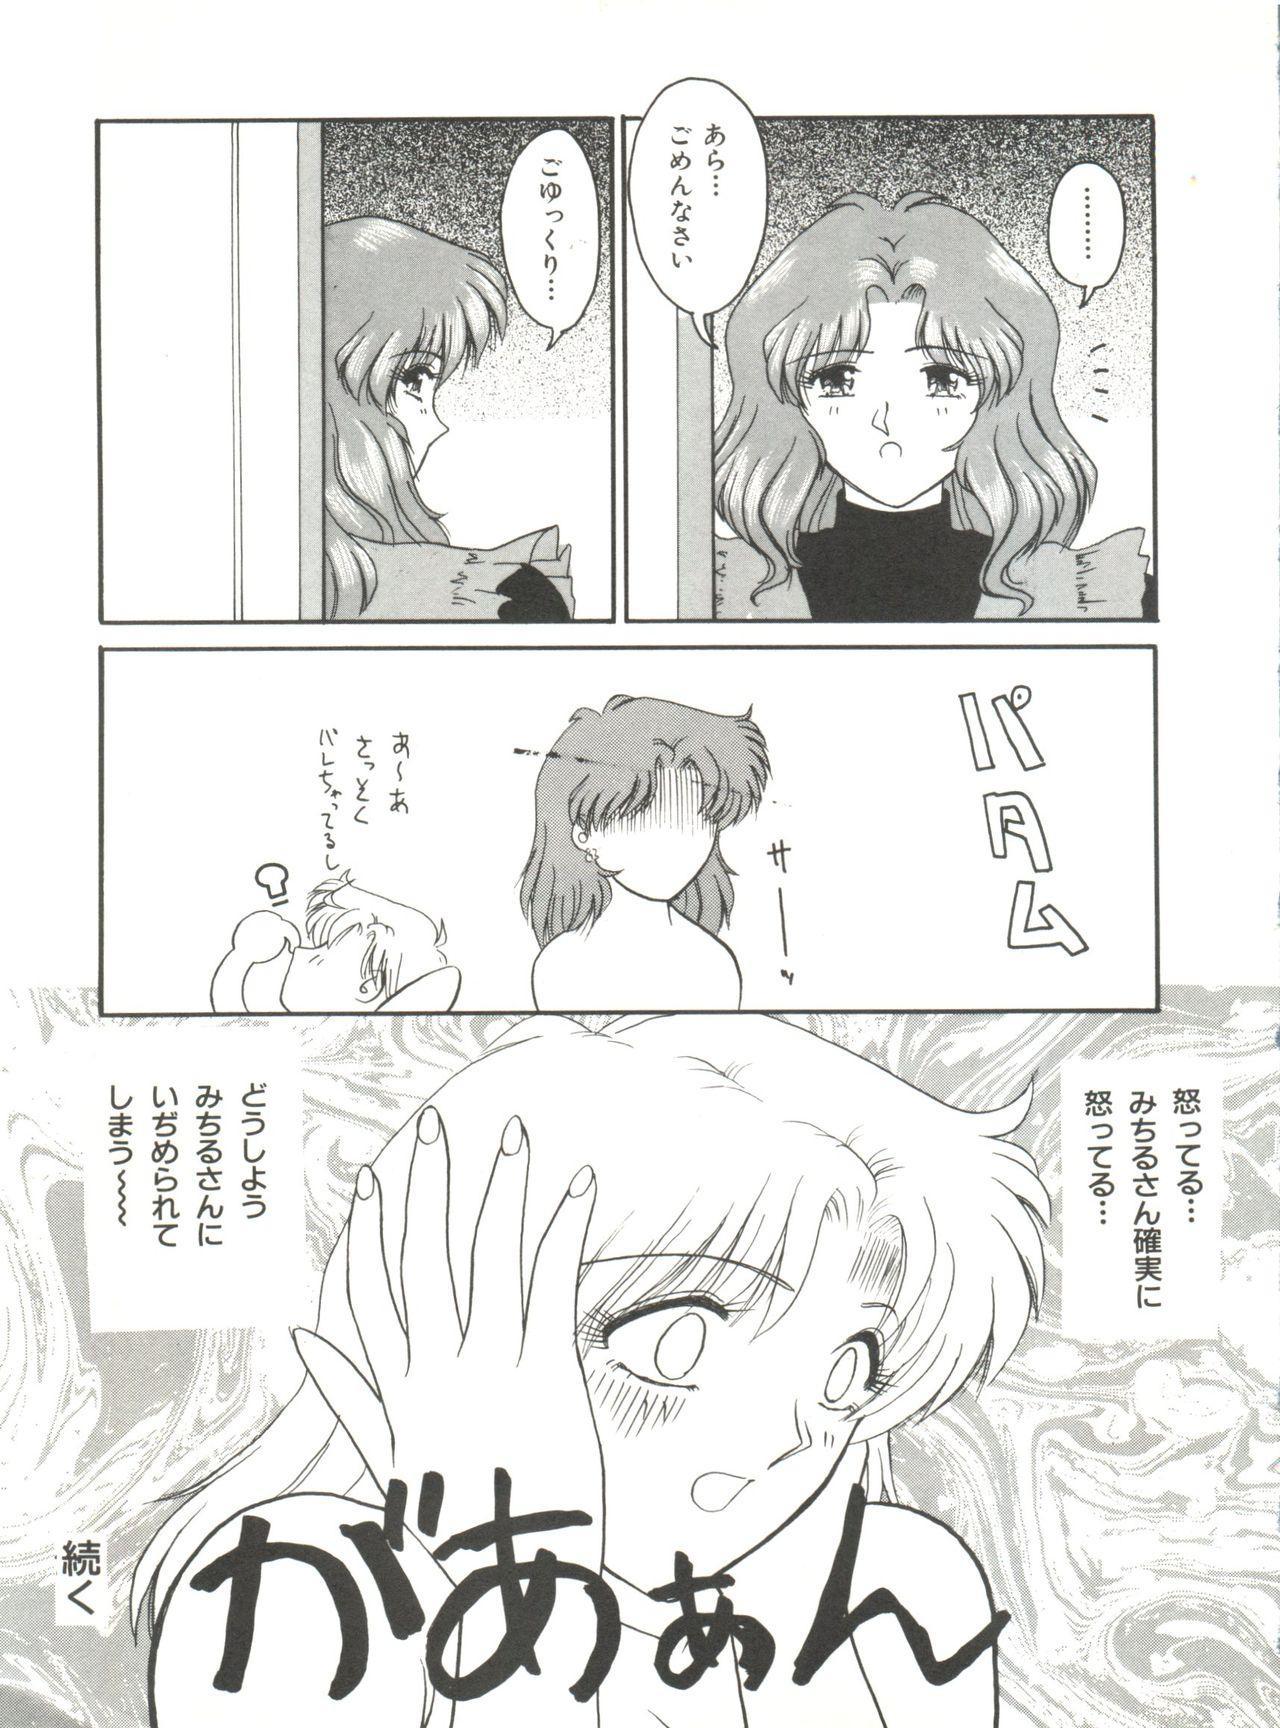 Bishoujo Doujinshi Anthology 12 - Moon Paradise 7 Tsuki no Rakuen 27